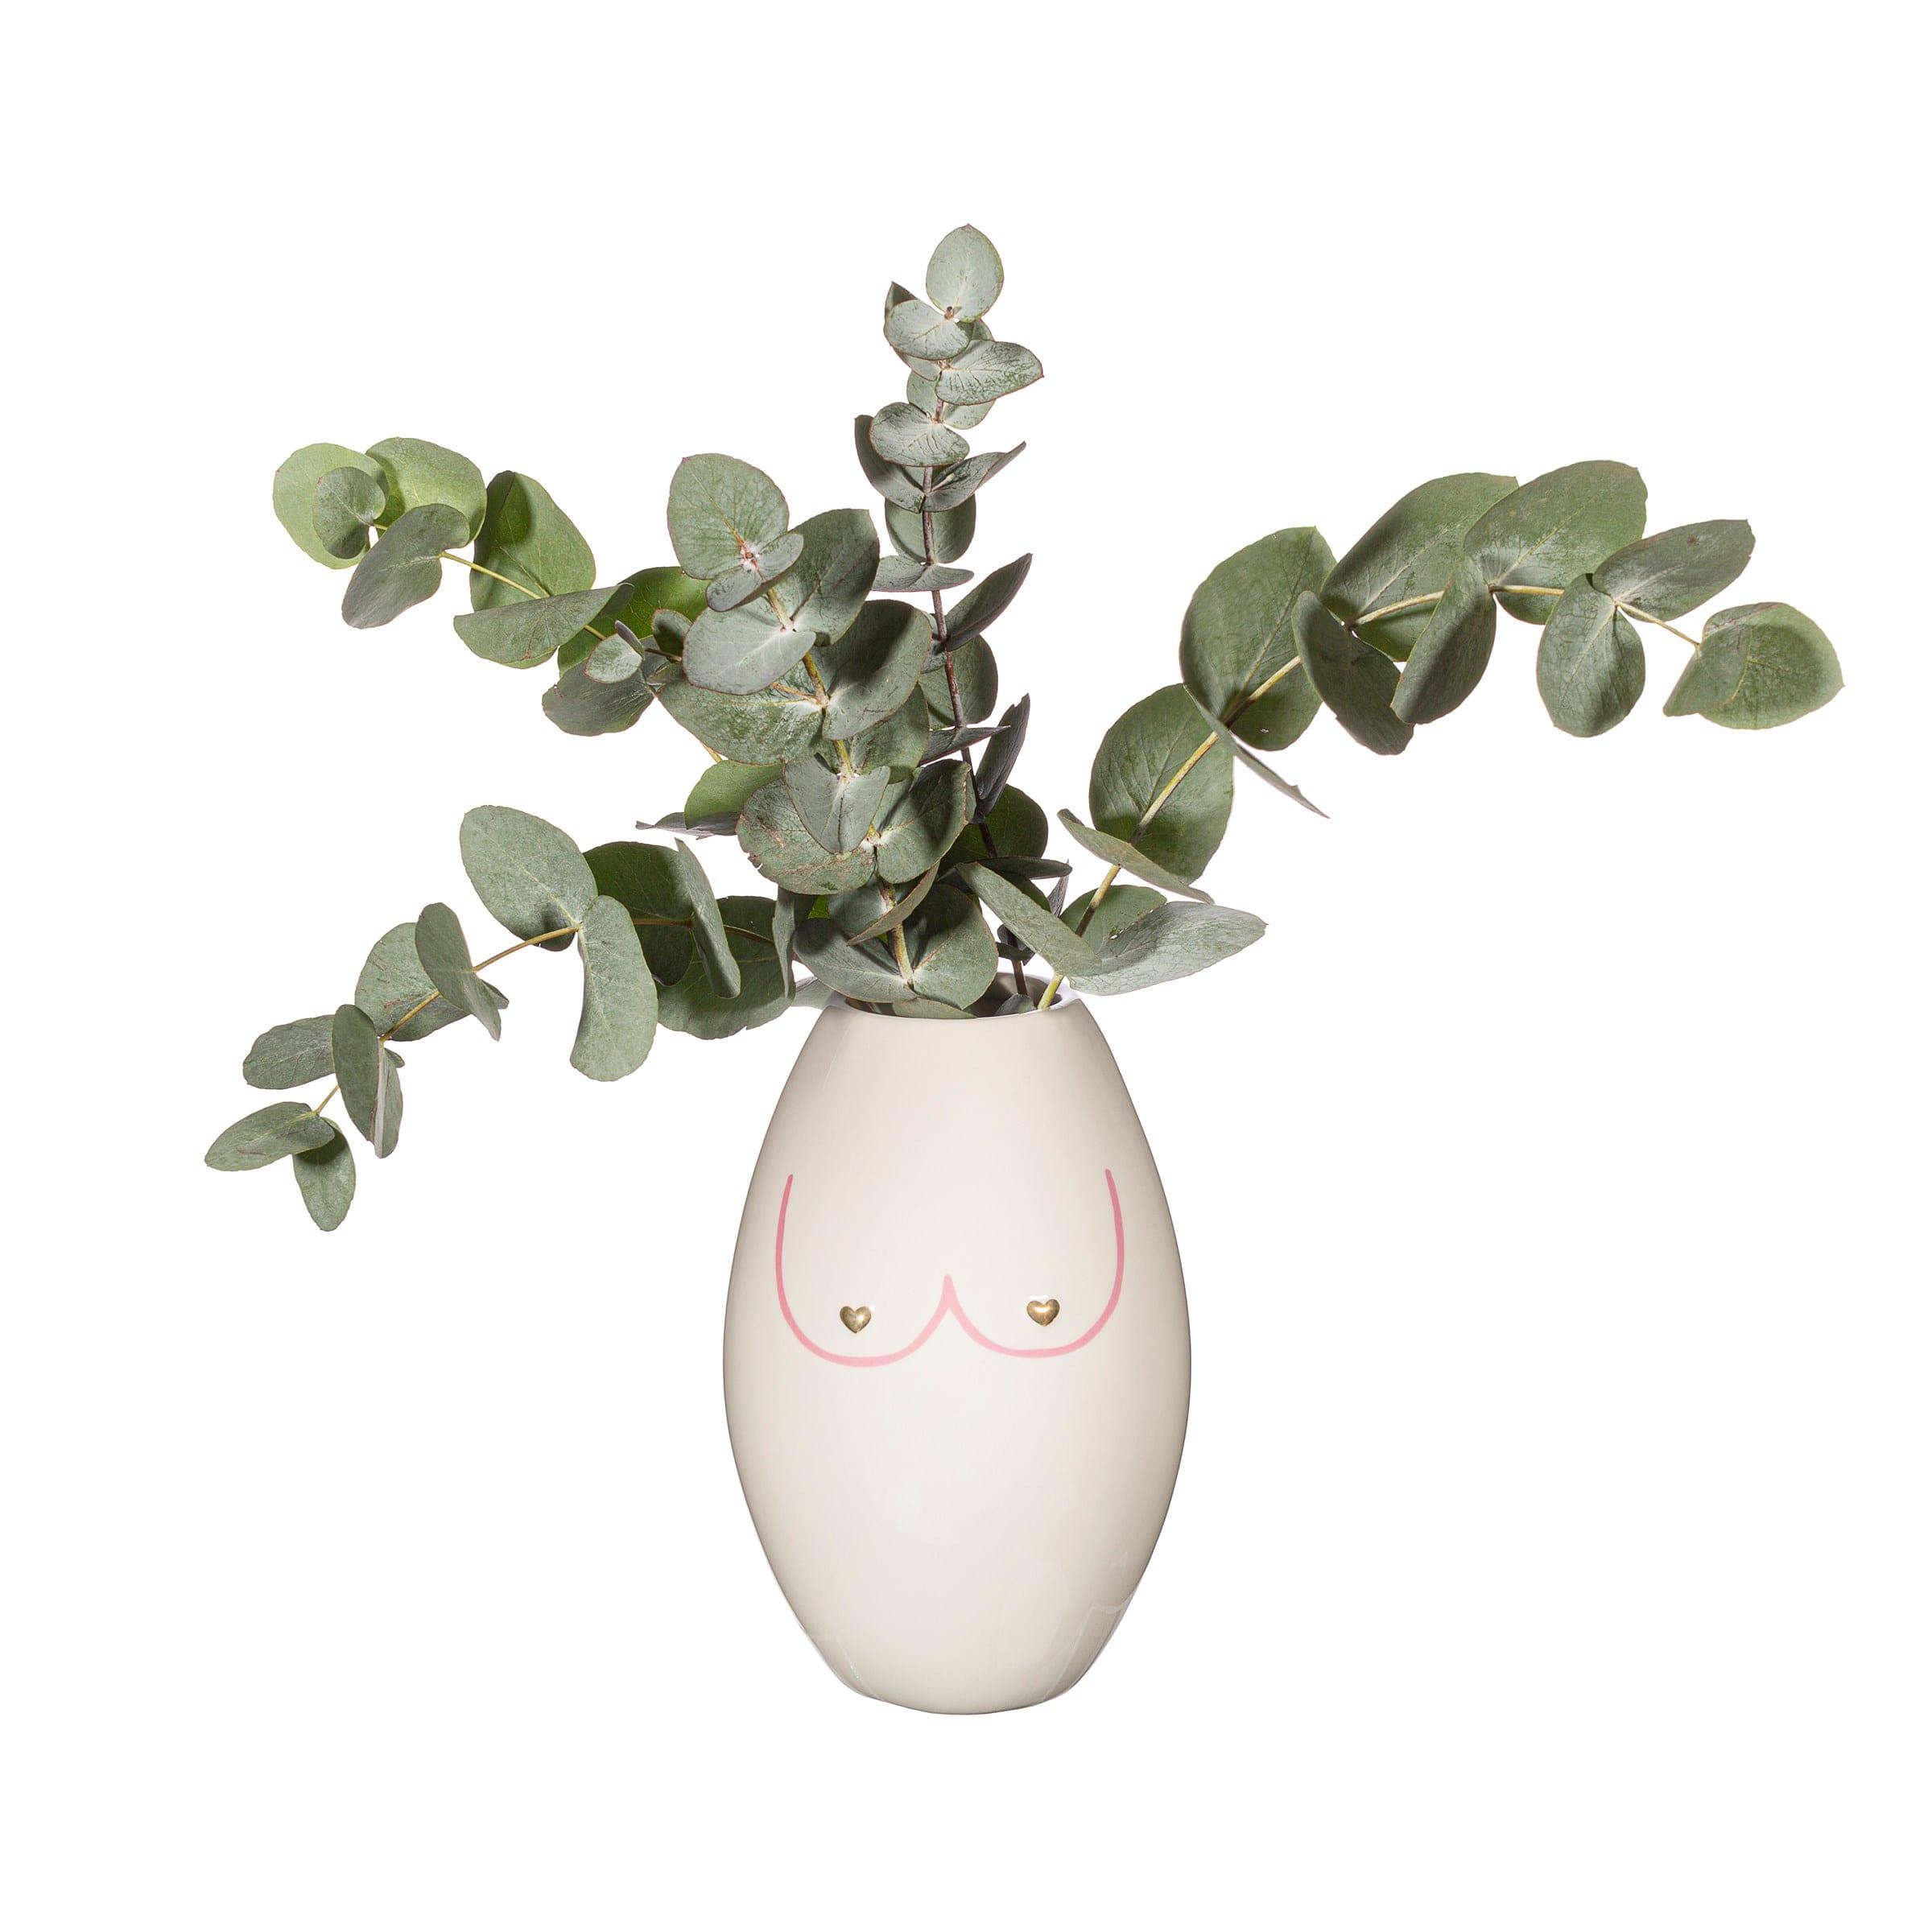 'Girl Power' Vase